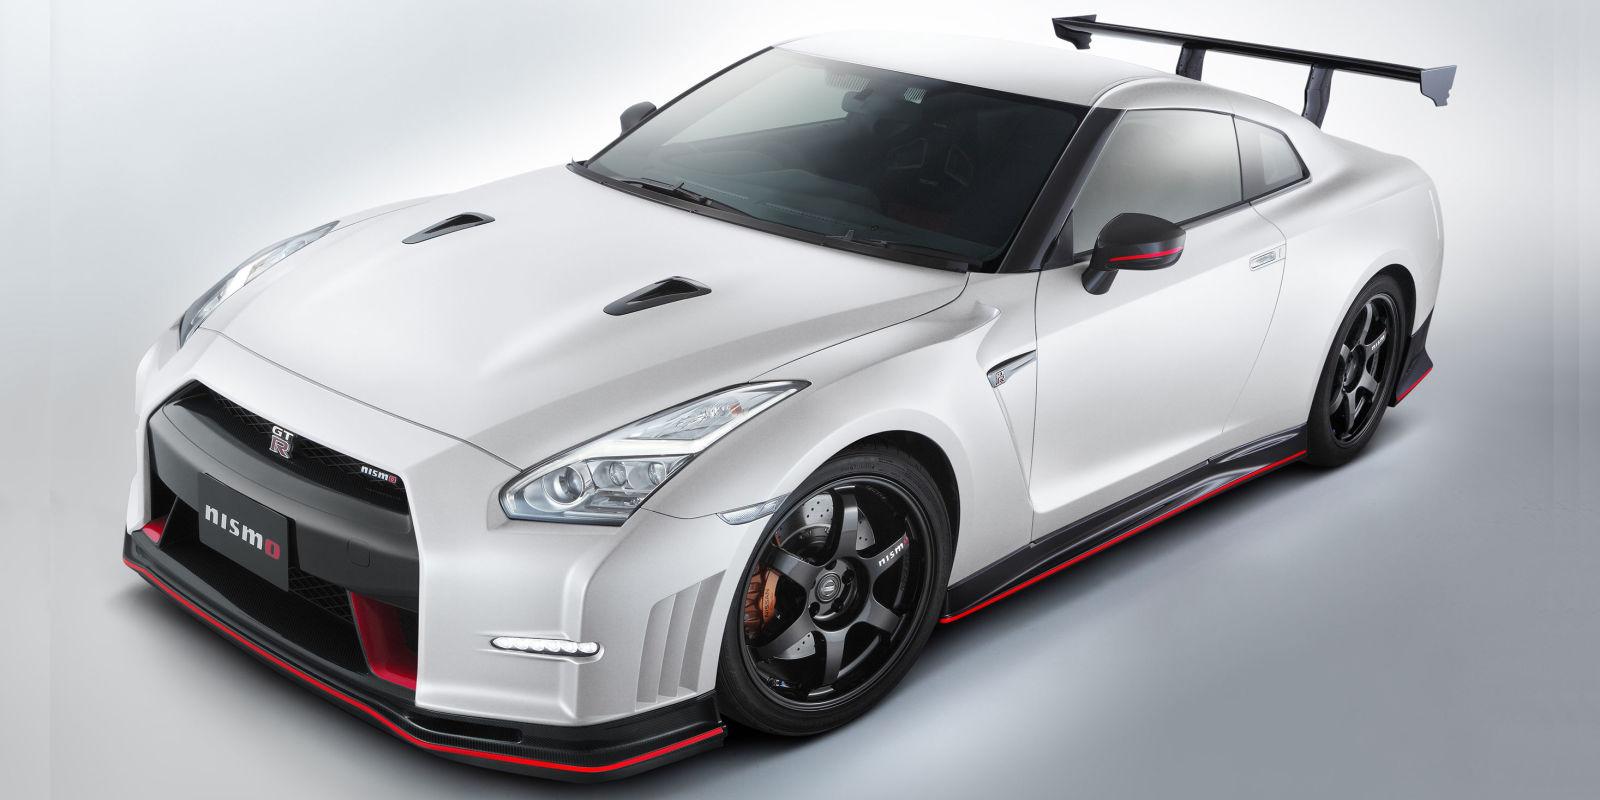 Nissan GT-R Nismo Nurburgring Aero Kit